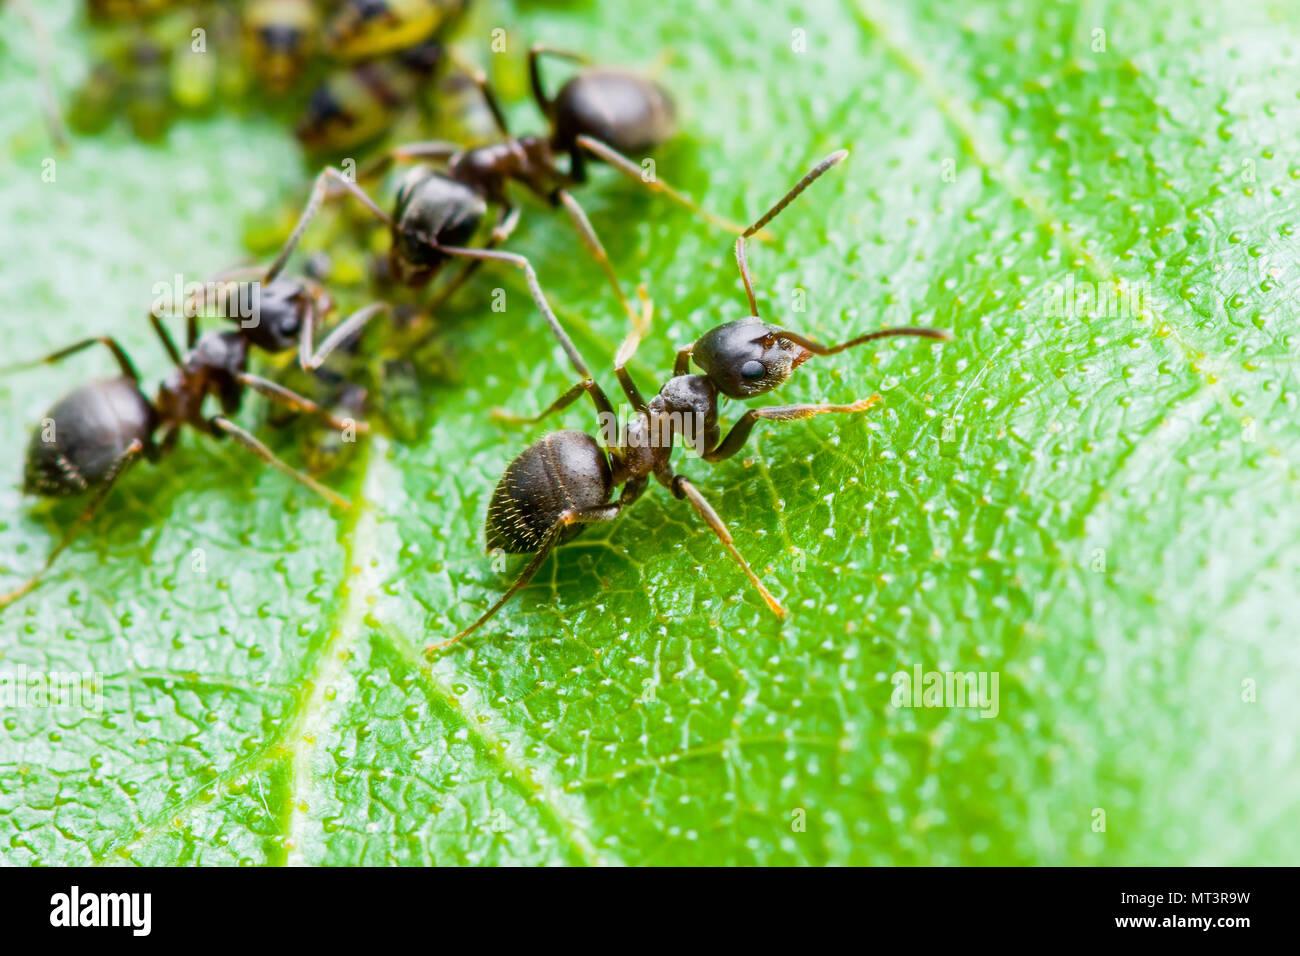 Formica e afidi colonia su foglia verde Immagini Stock